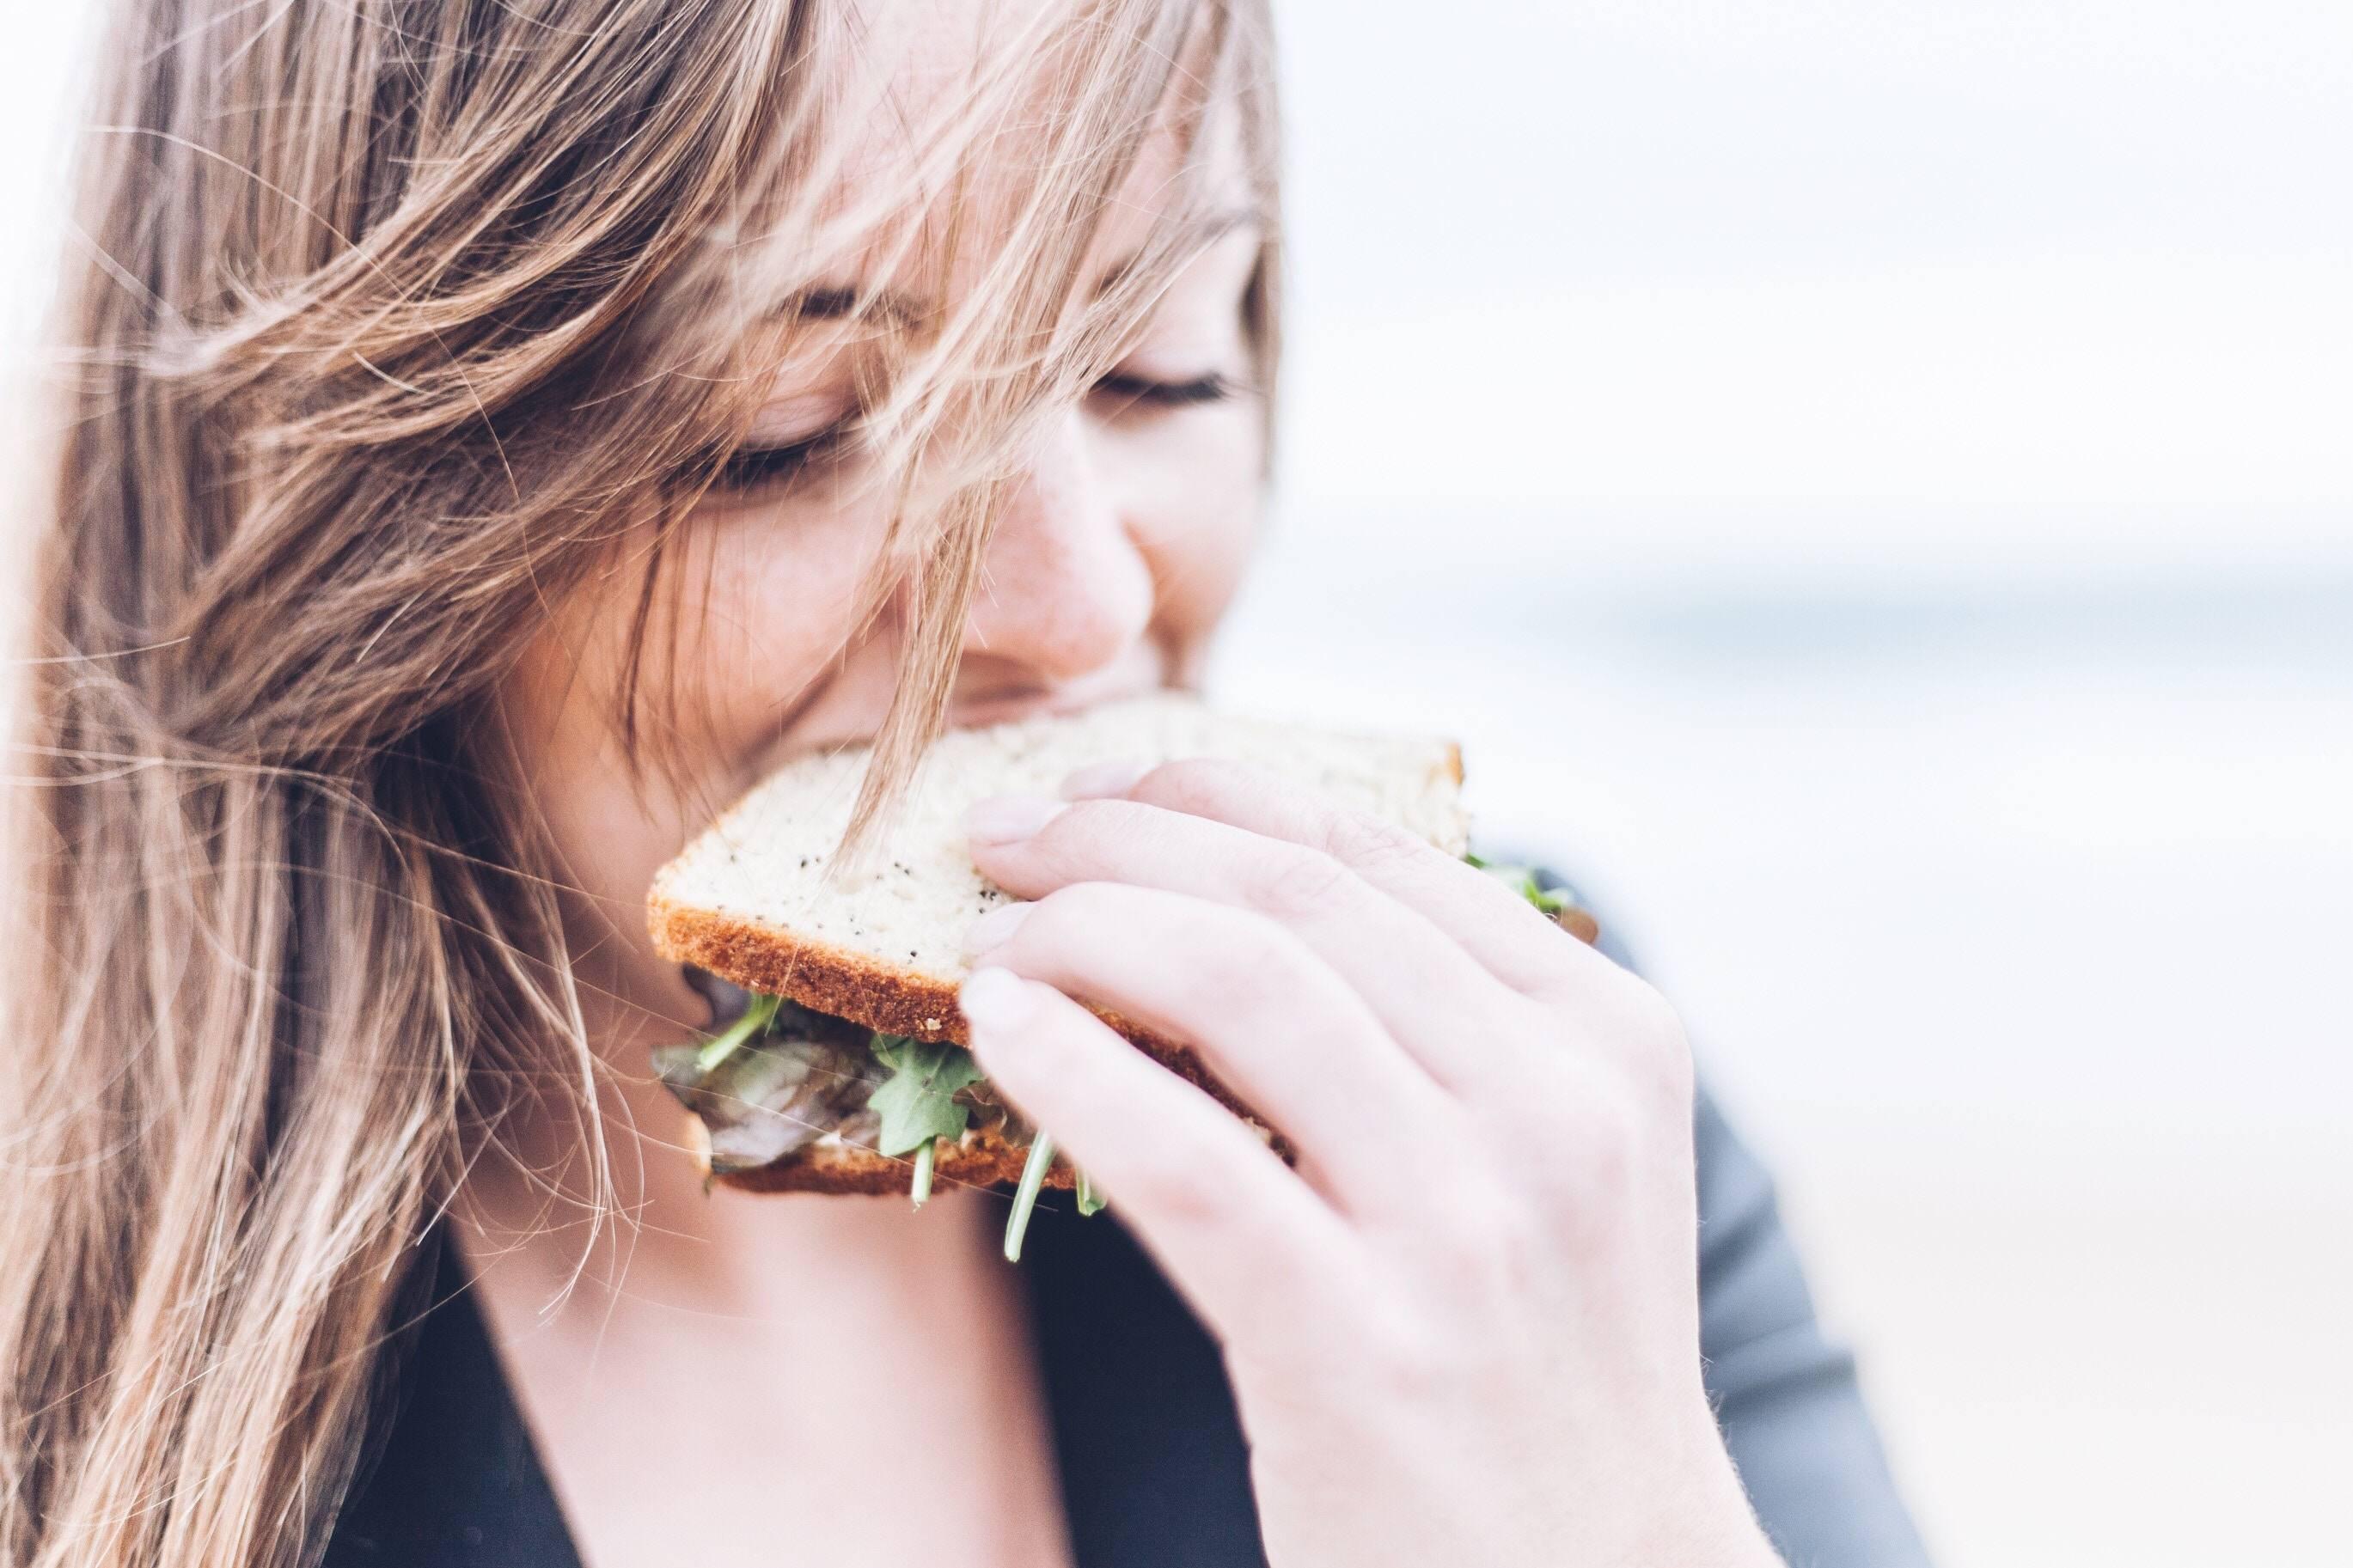 wild-caught-marine-collagen-to-stay-full-longer-reduce-appetite